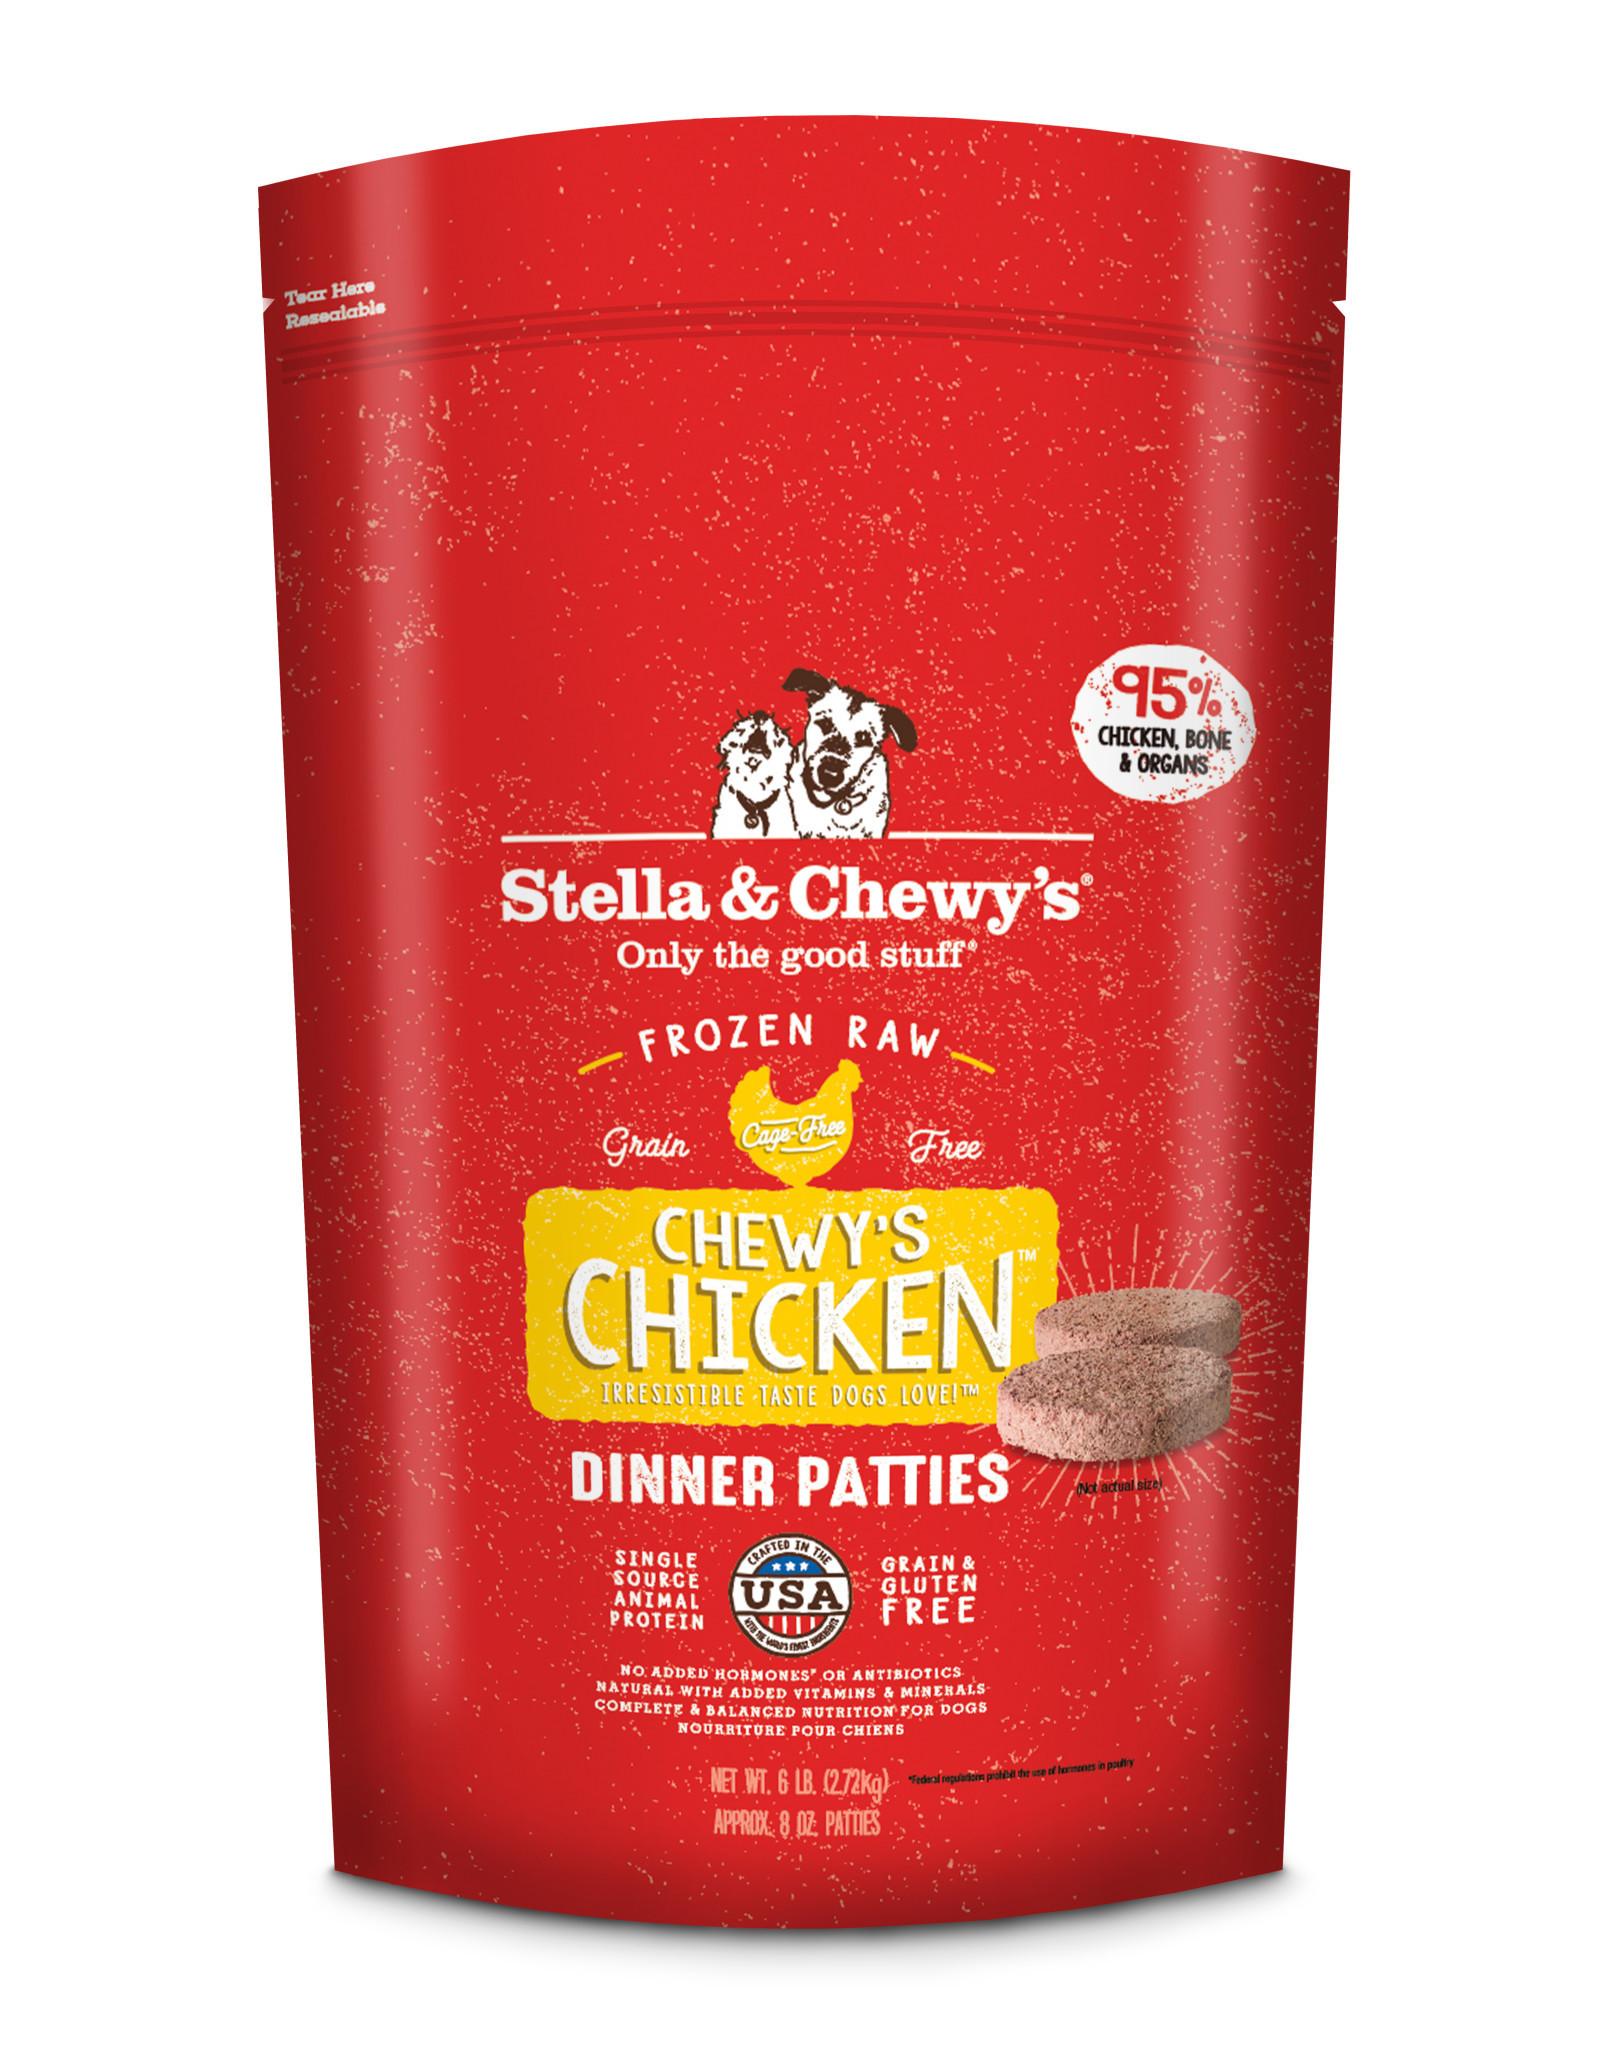 STELLA & CHEWY'S Stella & Chewy's | Chicken Frozen 8 oz Dinner Patties